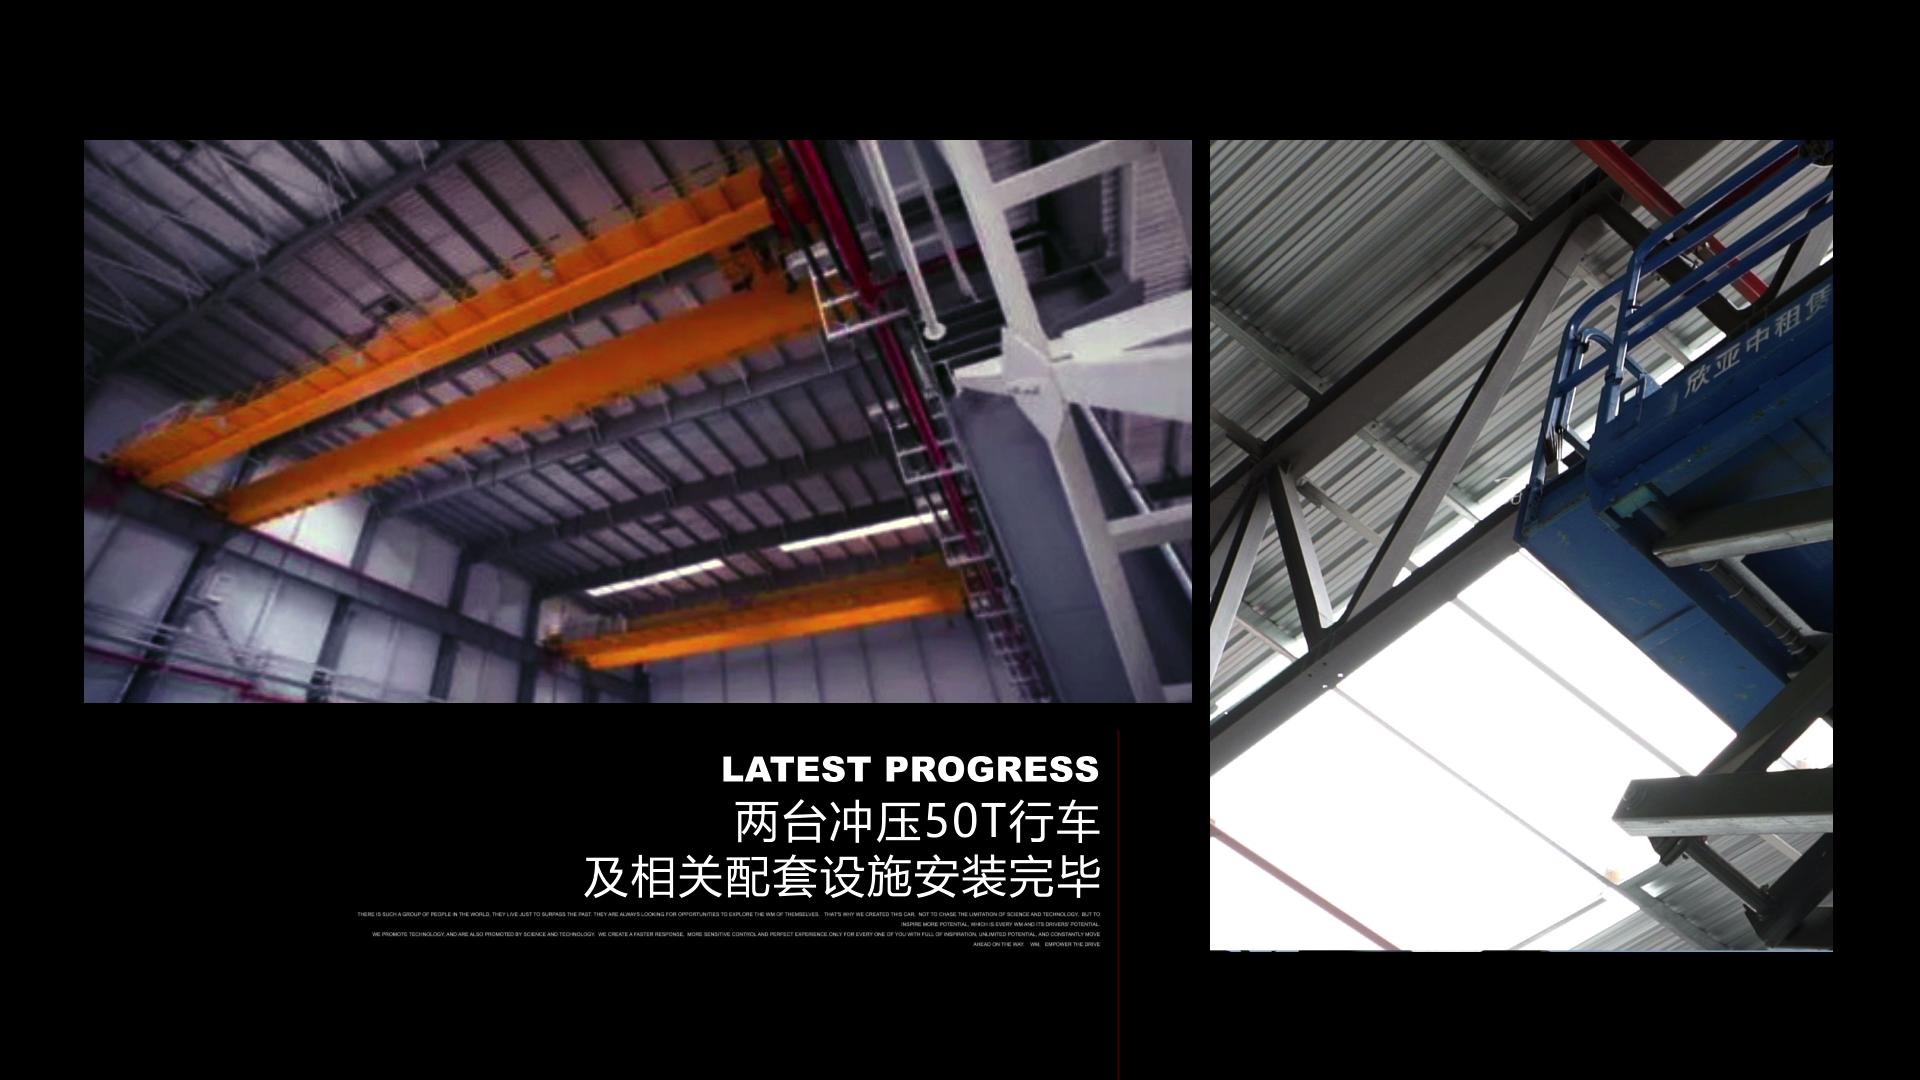 威马 2017WM温州工厂进度视频30S_Final0728_2017年8月5日 下午10.35.28.png